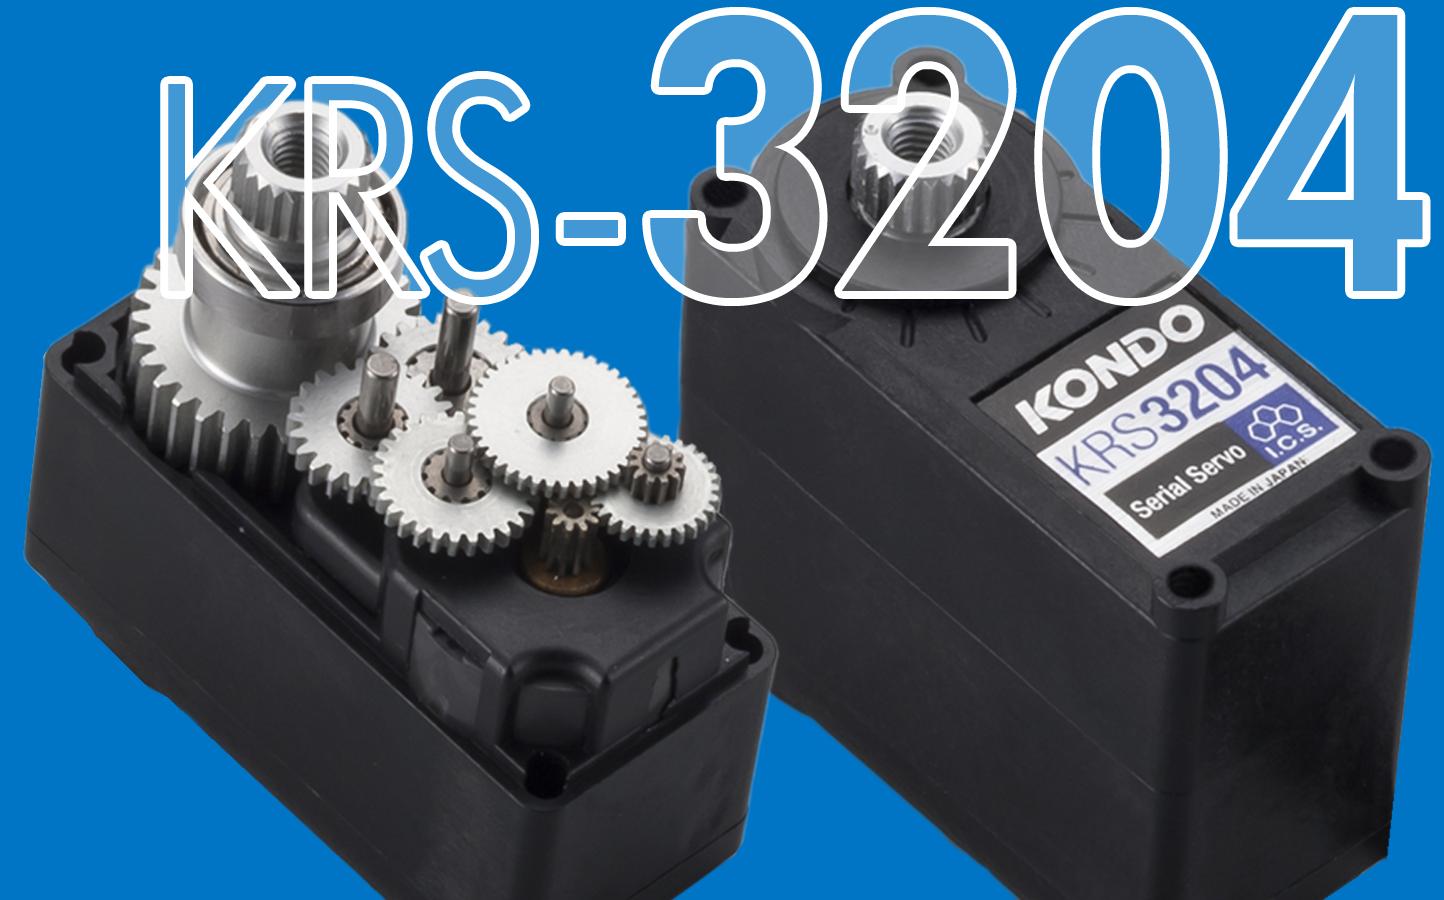 KRS-3204ICS